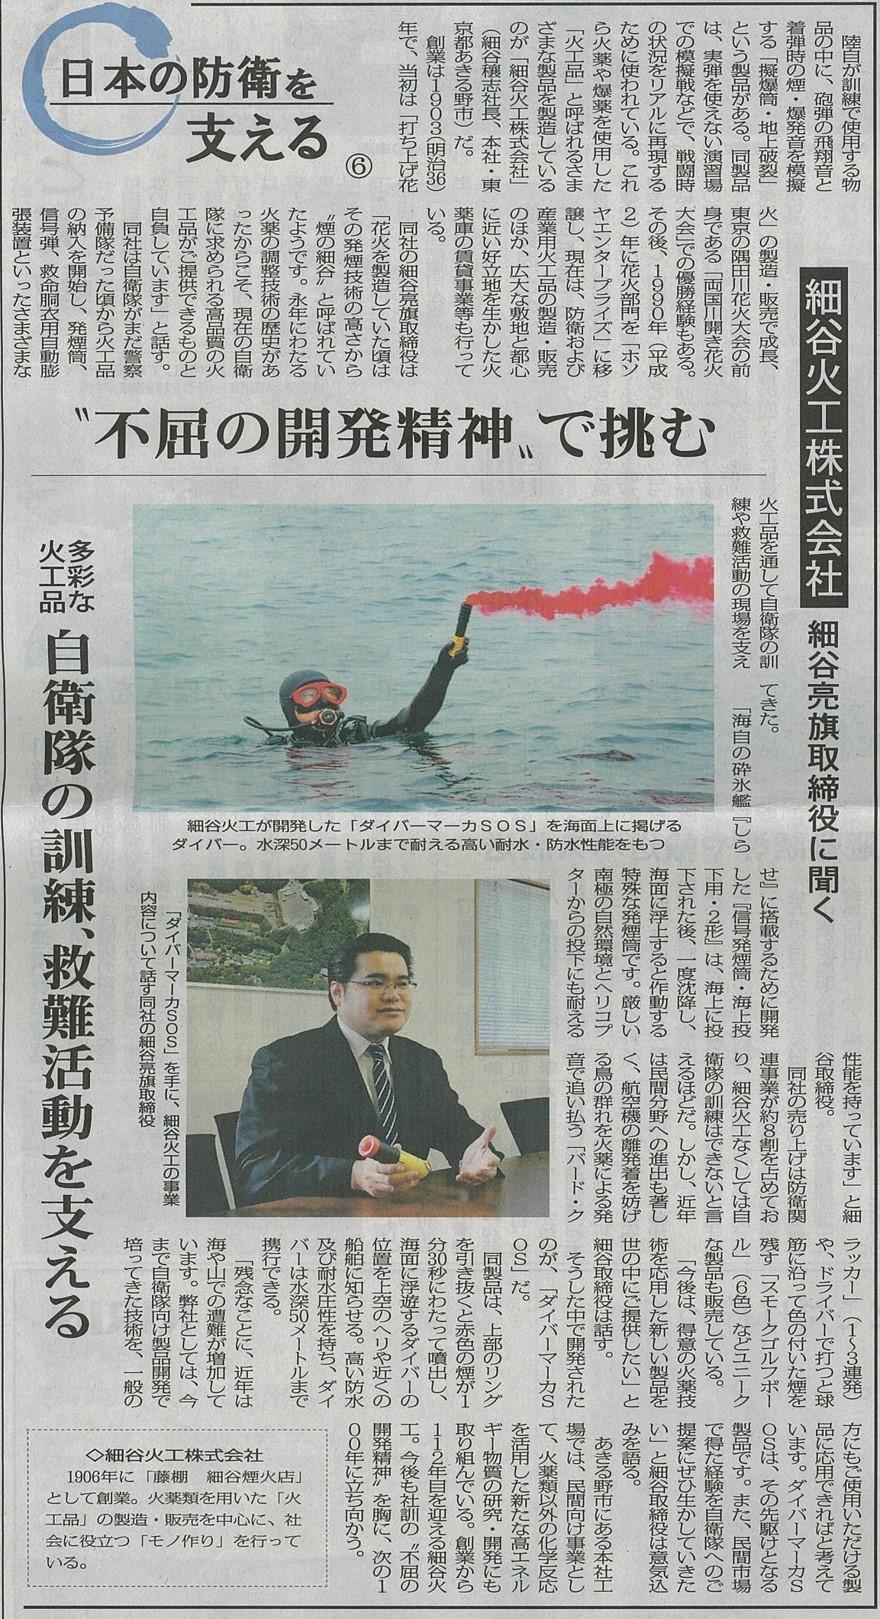 朝雲新聞記事